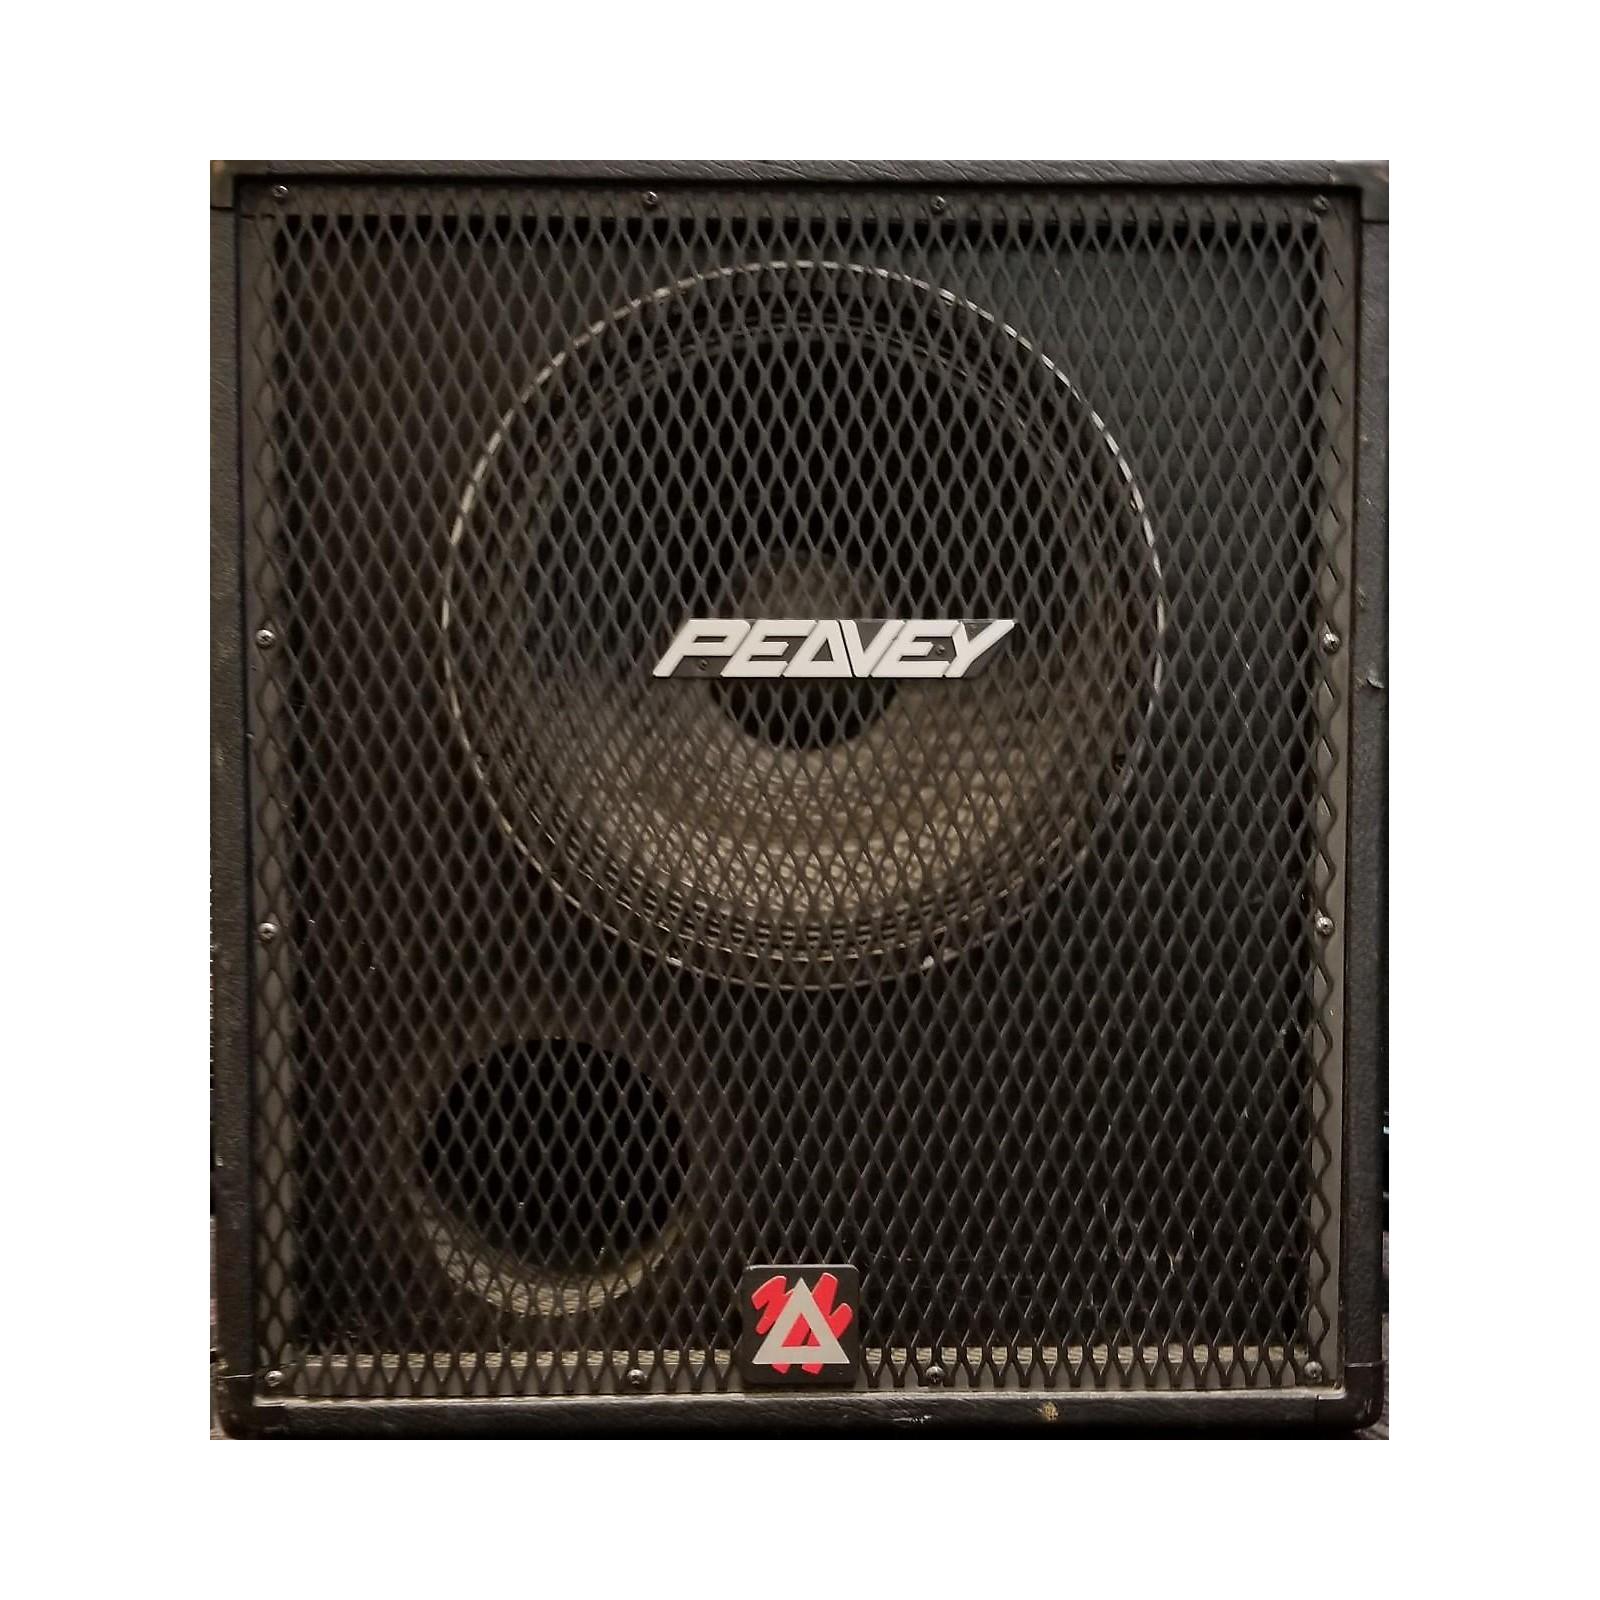 Peavey 115bbx Bass Cabinet